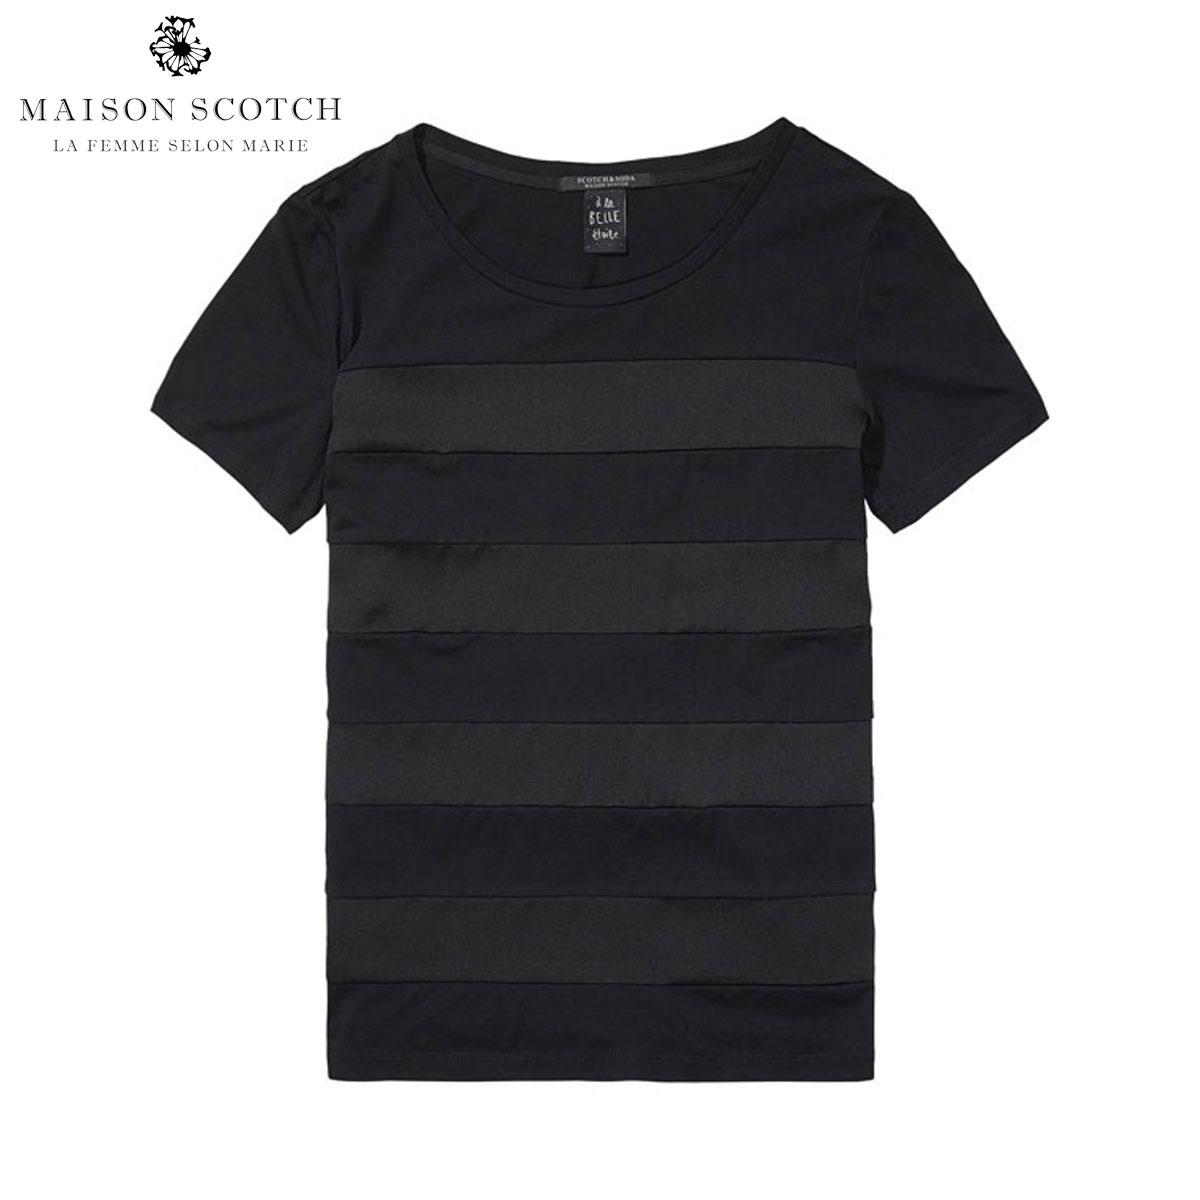 メゾンスコッチ MAISON SCOTCH 正規販売店 レディース 半袖Tシャツ Short sleeve tee with woven stripe panels 102148 04